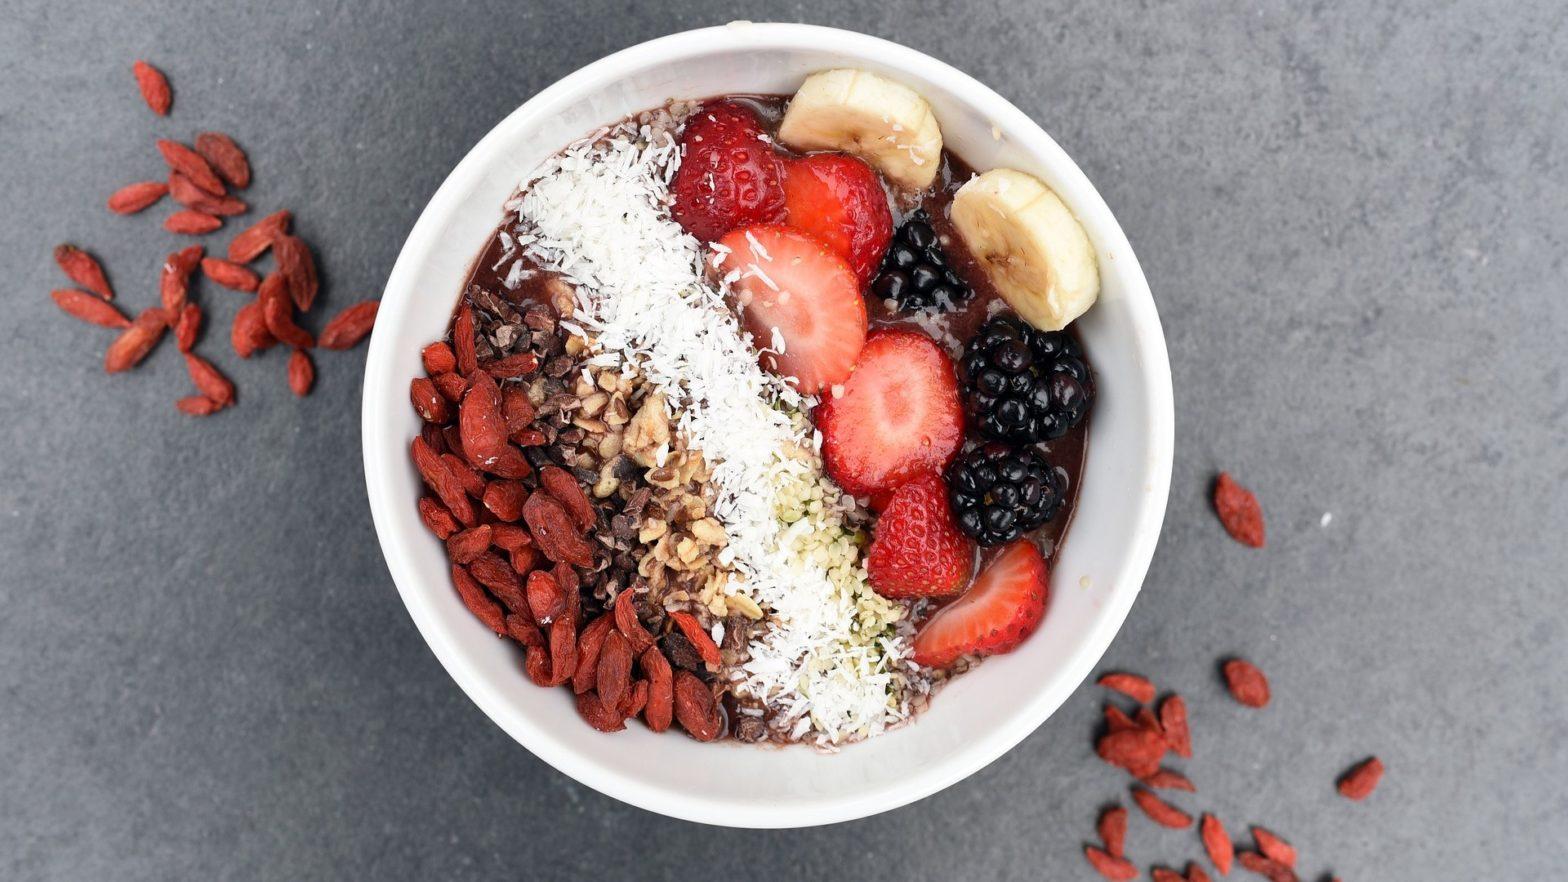 Bowl saudável de frutas vermelhas, sementes e grãos.